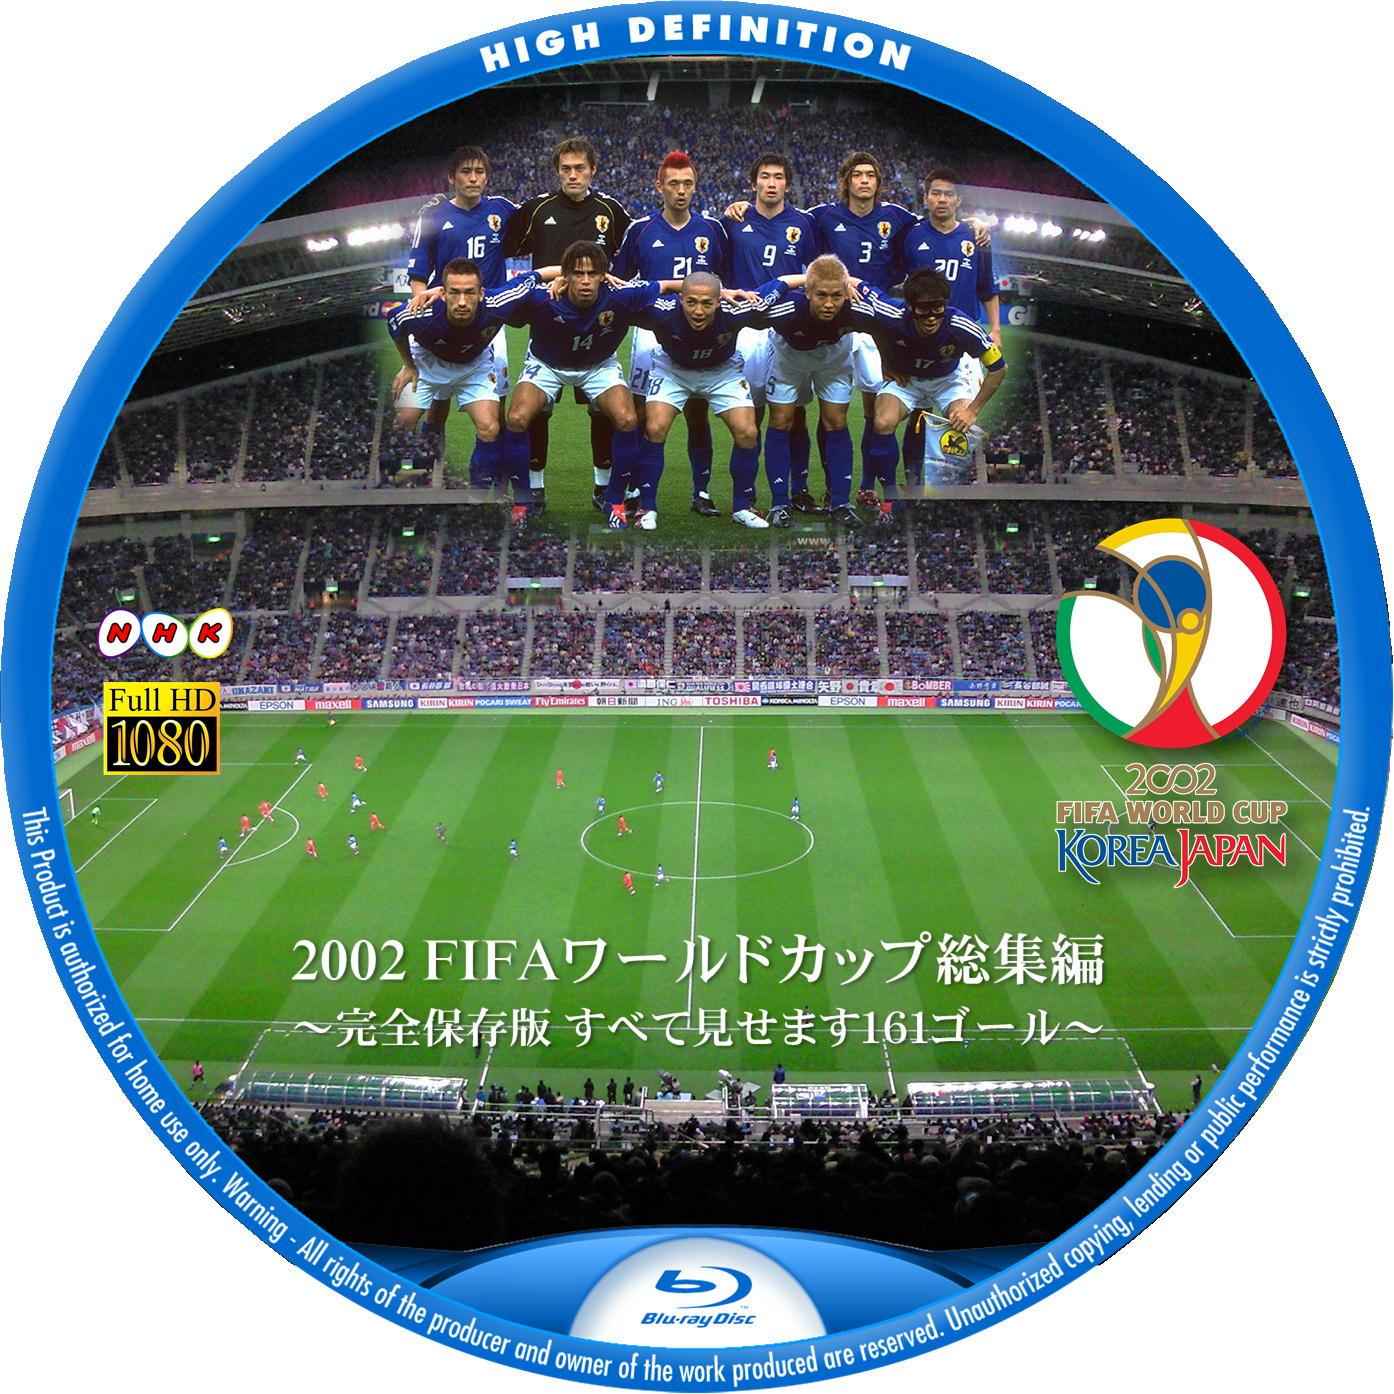 2002 FIFA ワールドカップ総集編 Blu-rayラベル